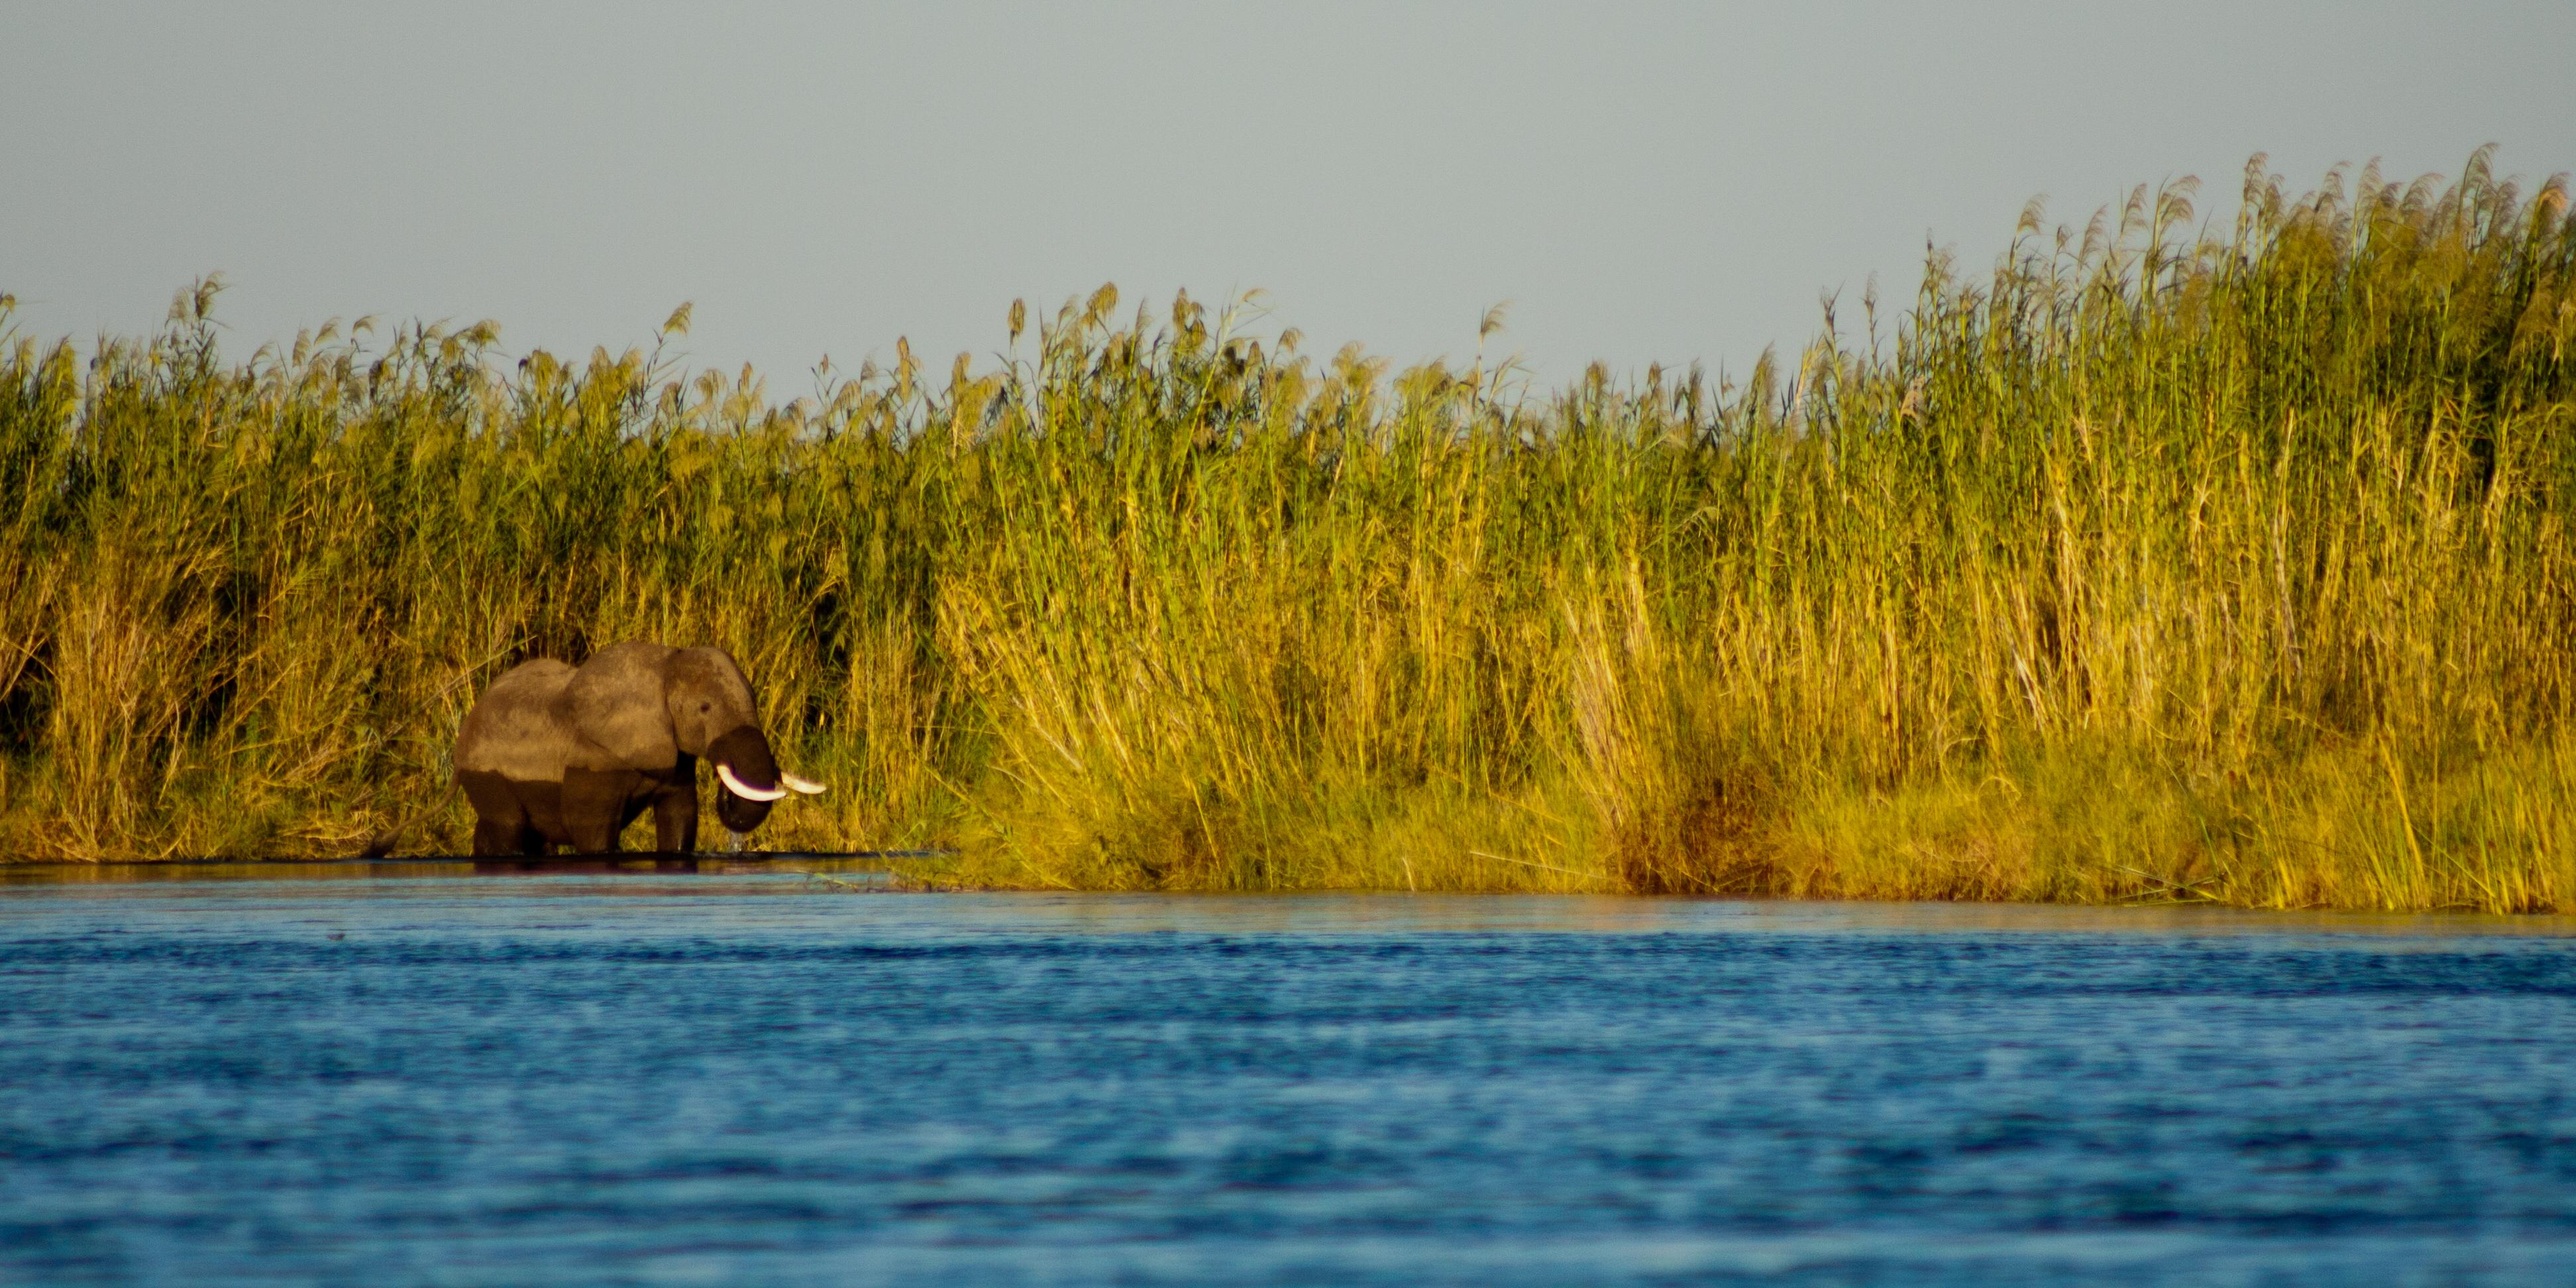 Elephant, Zambezi River, Zambia